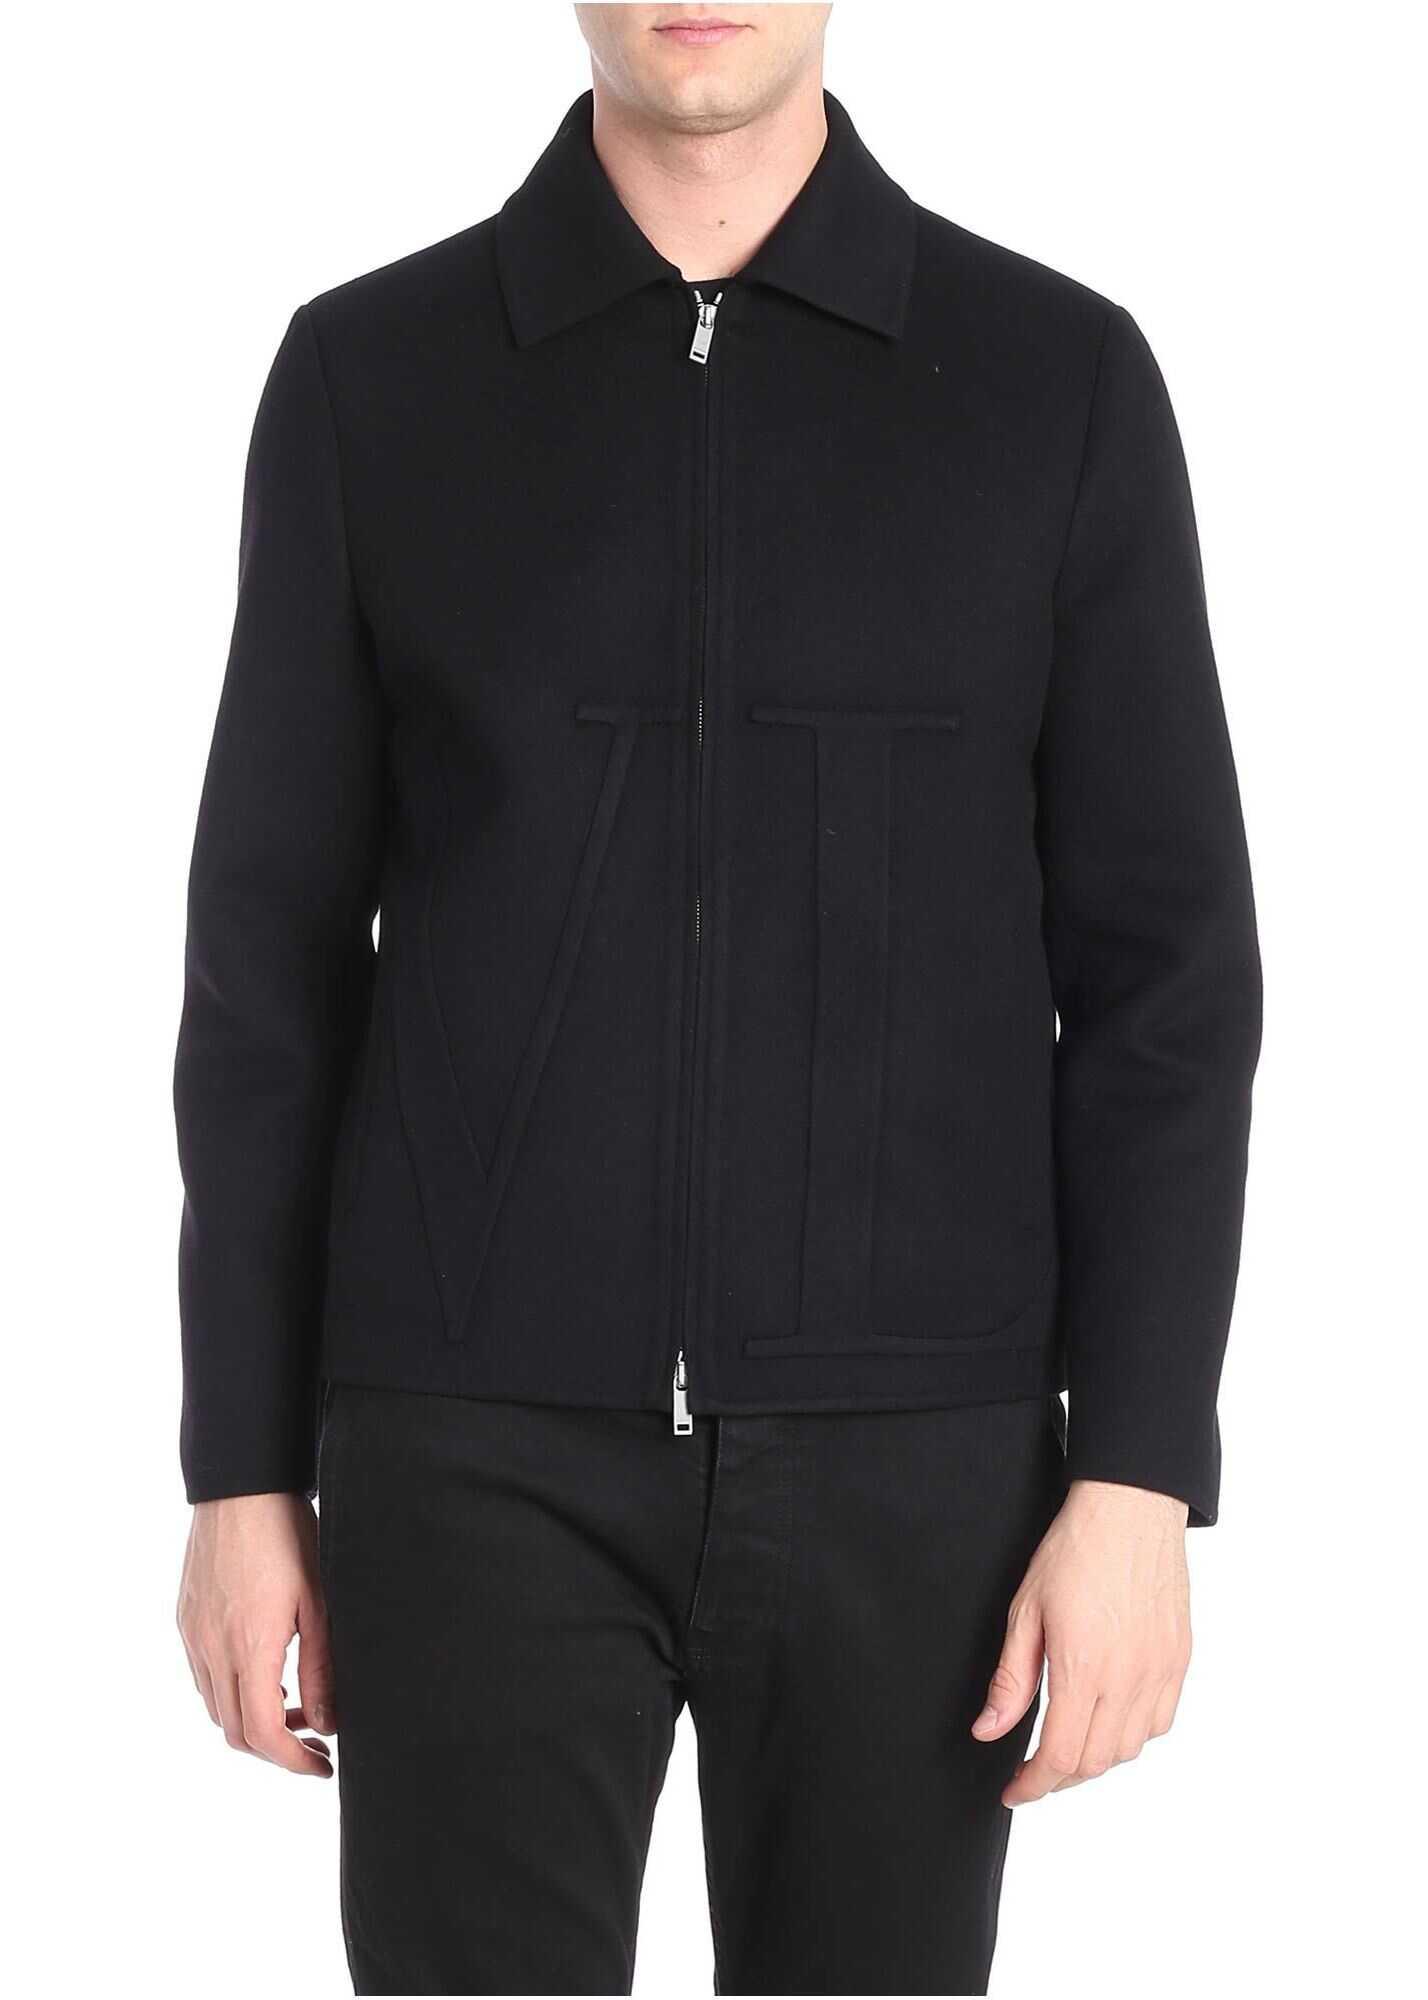 Black Vltn Jacket